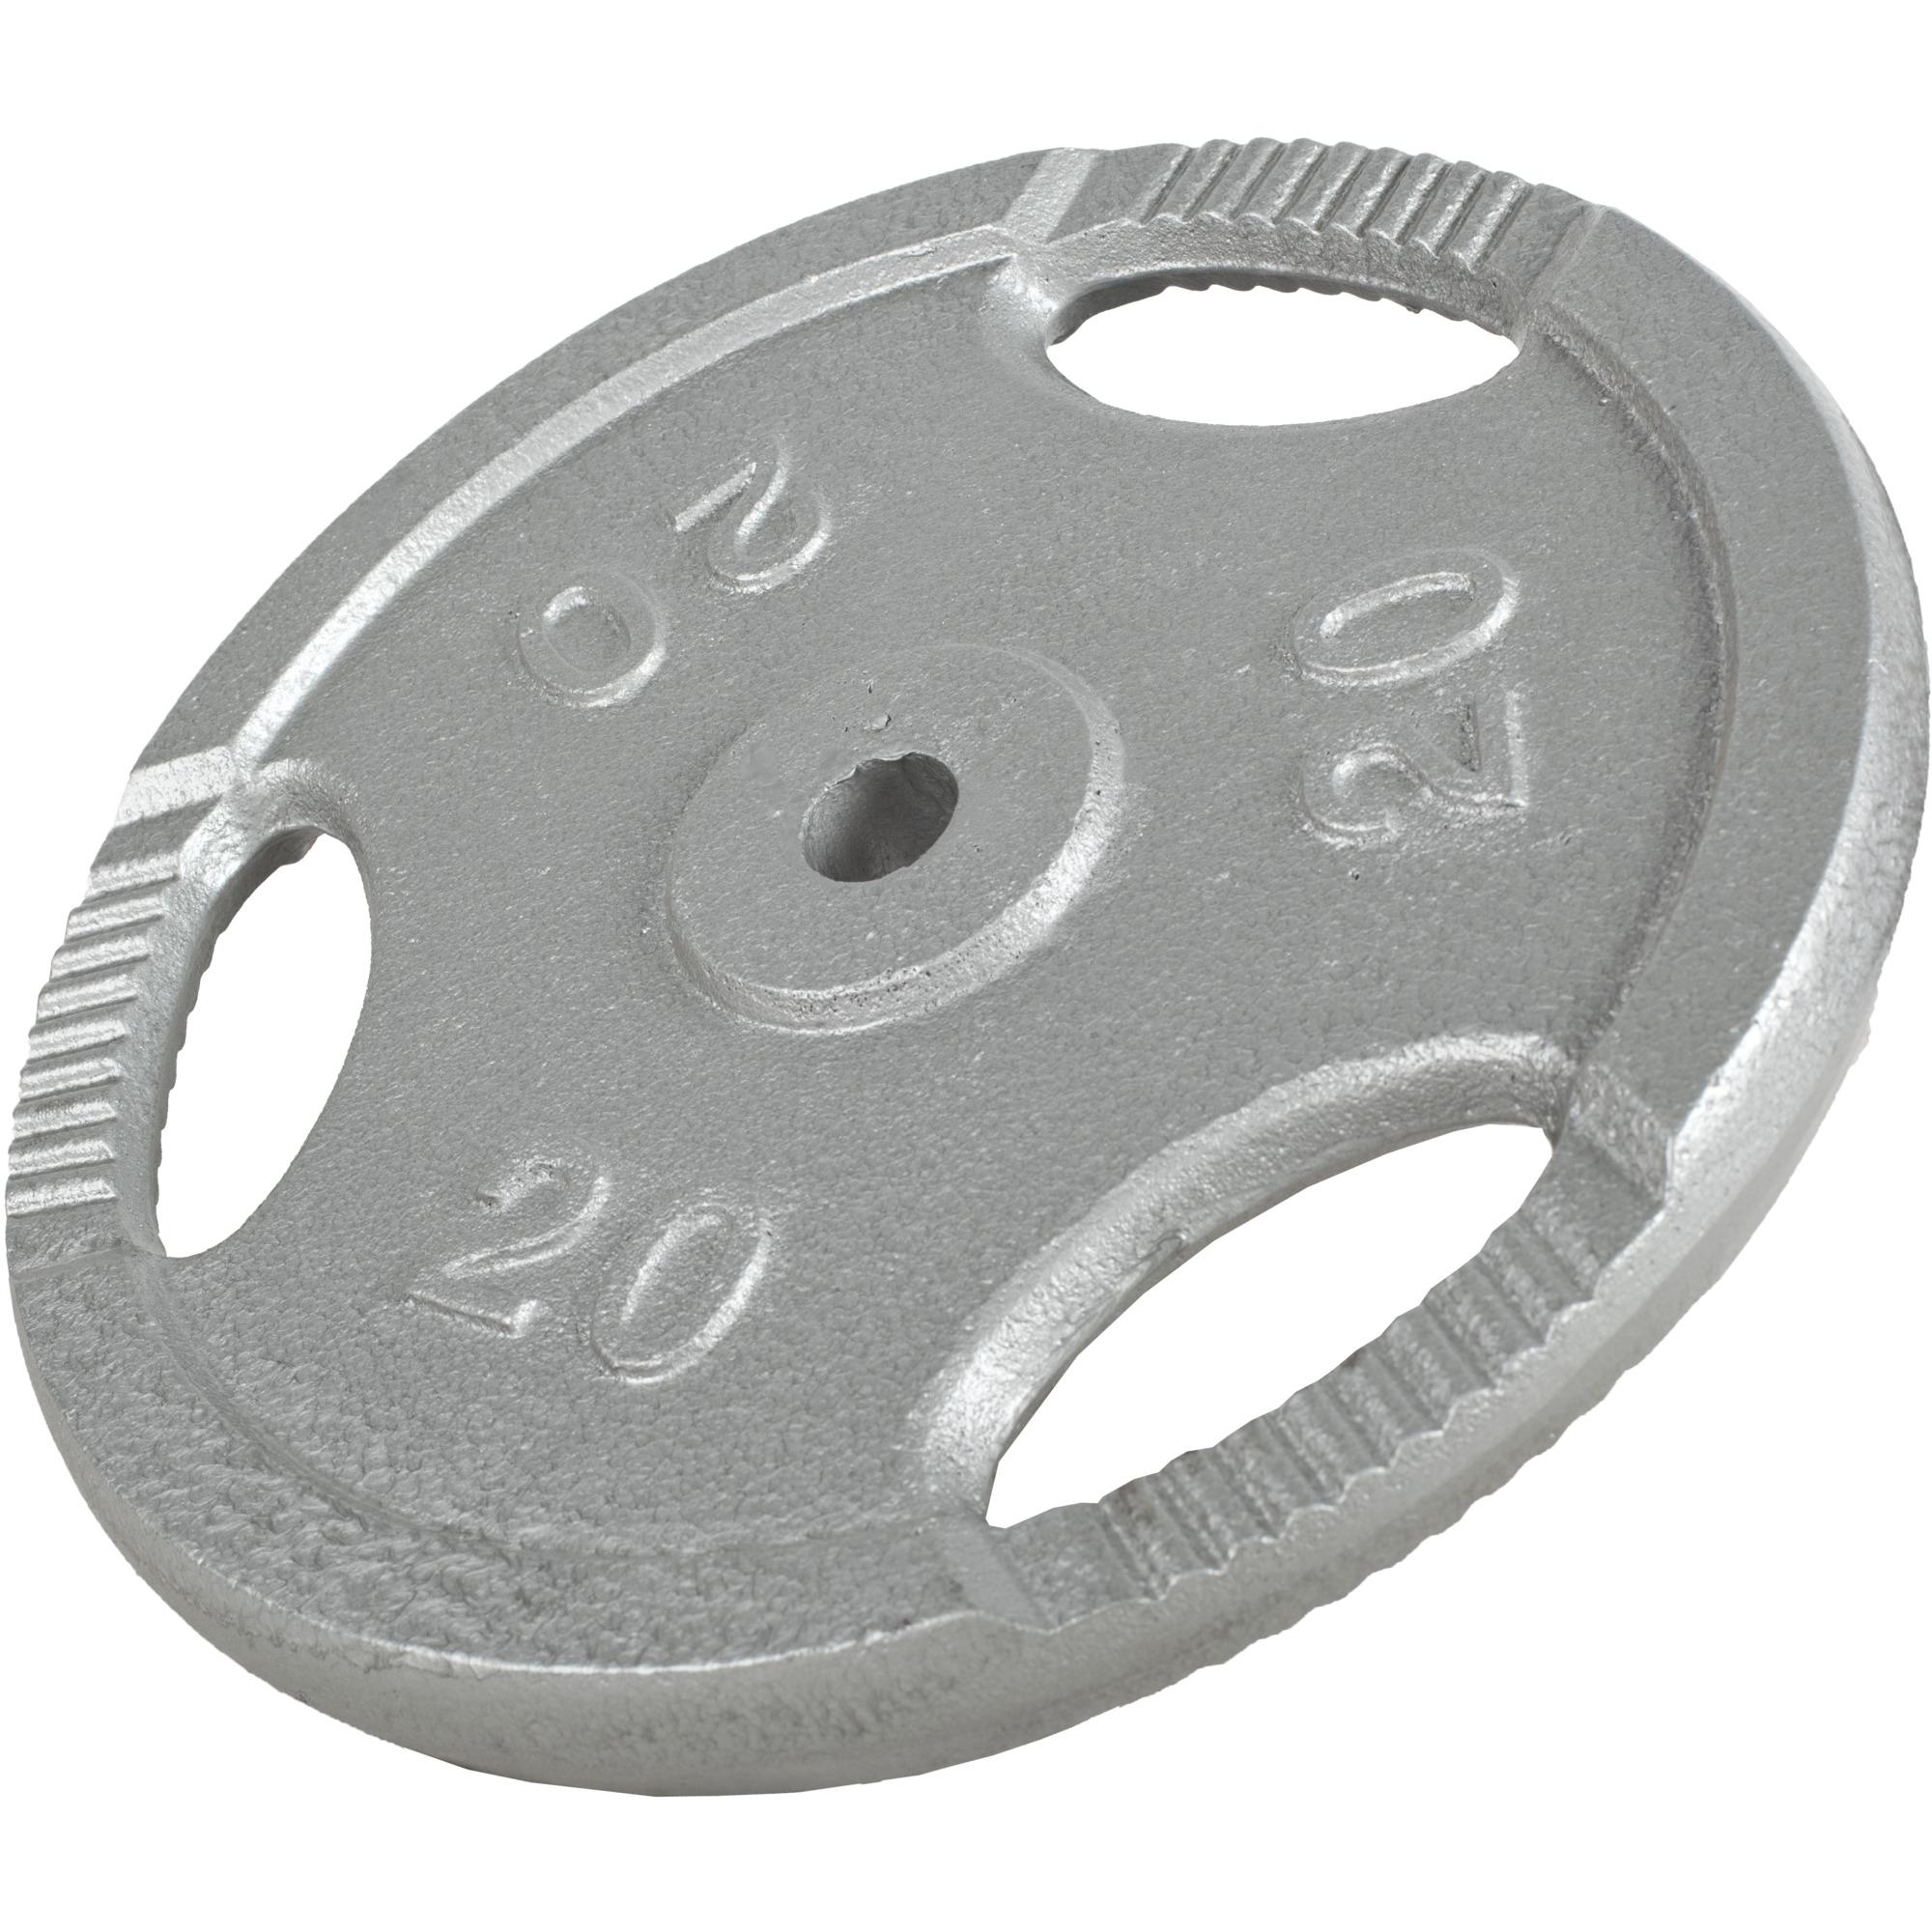 Gorilla-Sports-Disques-en-fonte-avec-poignees-31-mm-Gris-De-0-5-KG-a-20 miniature 5